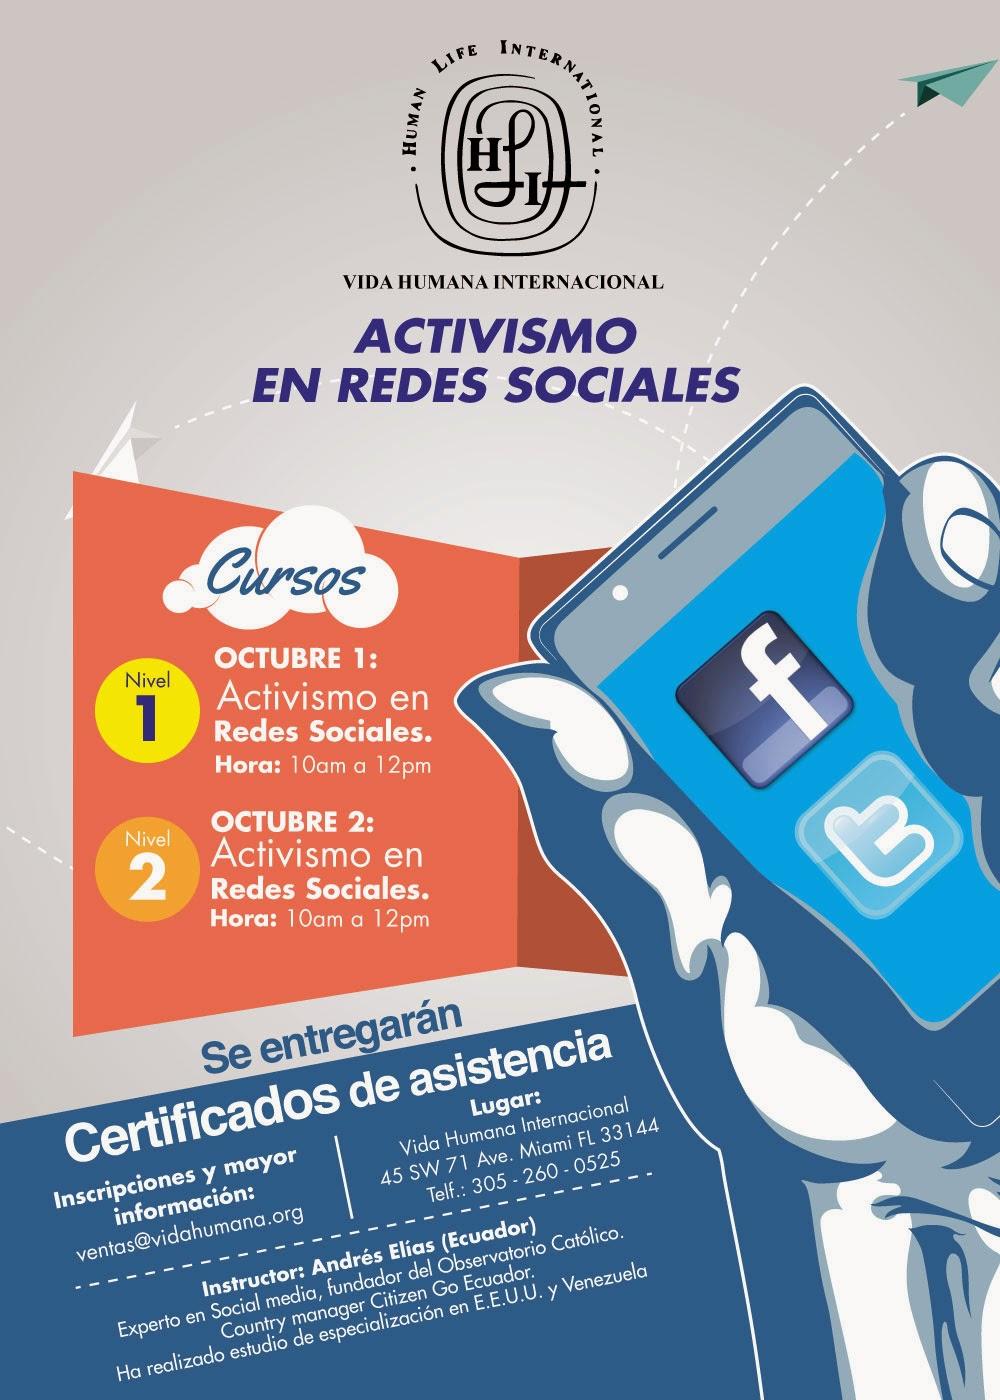 Si estás en Miami asiste al curso de Ciberactivismo y Ciberlobby